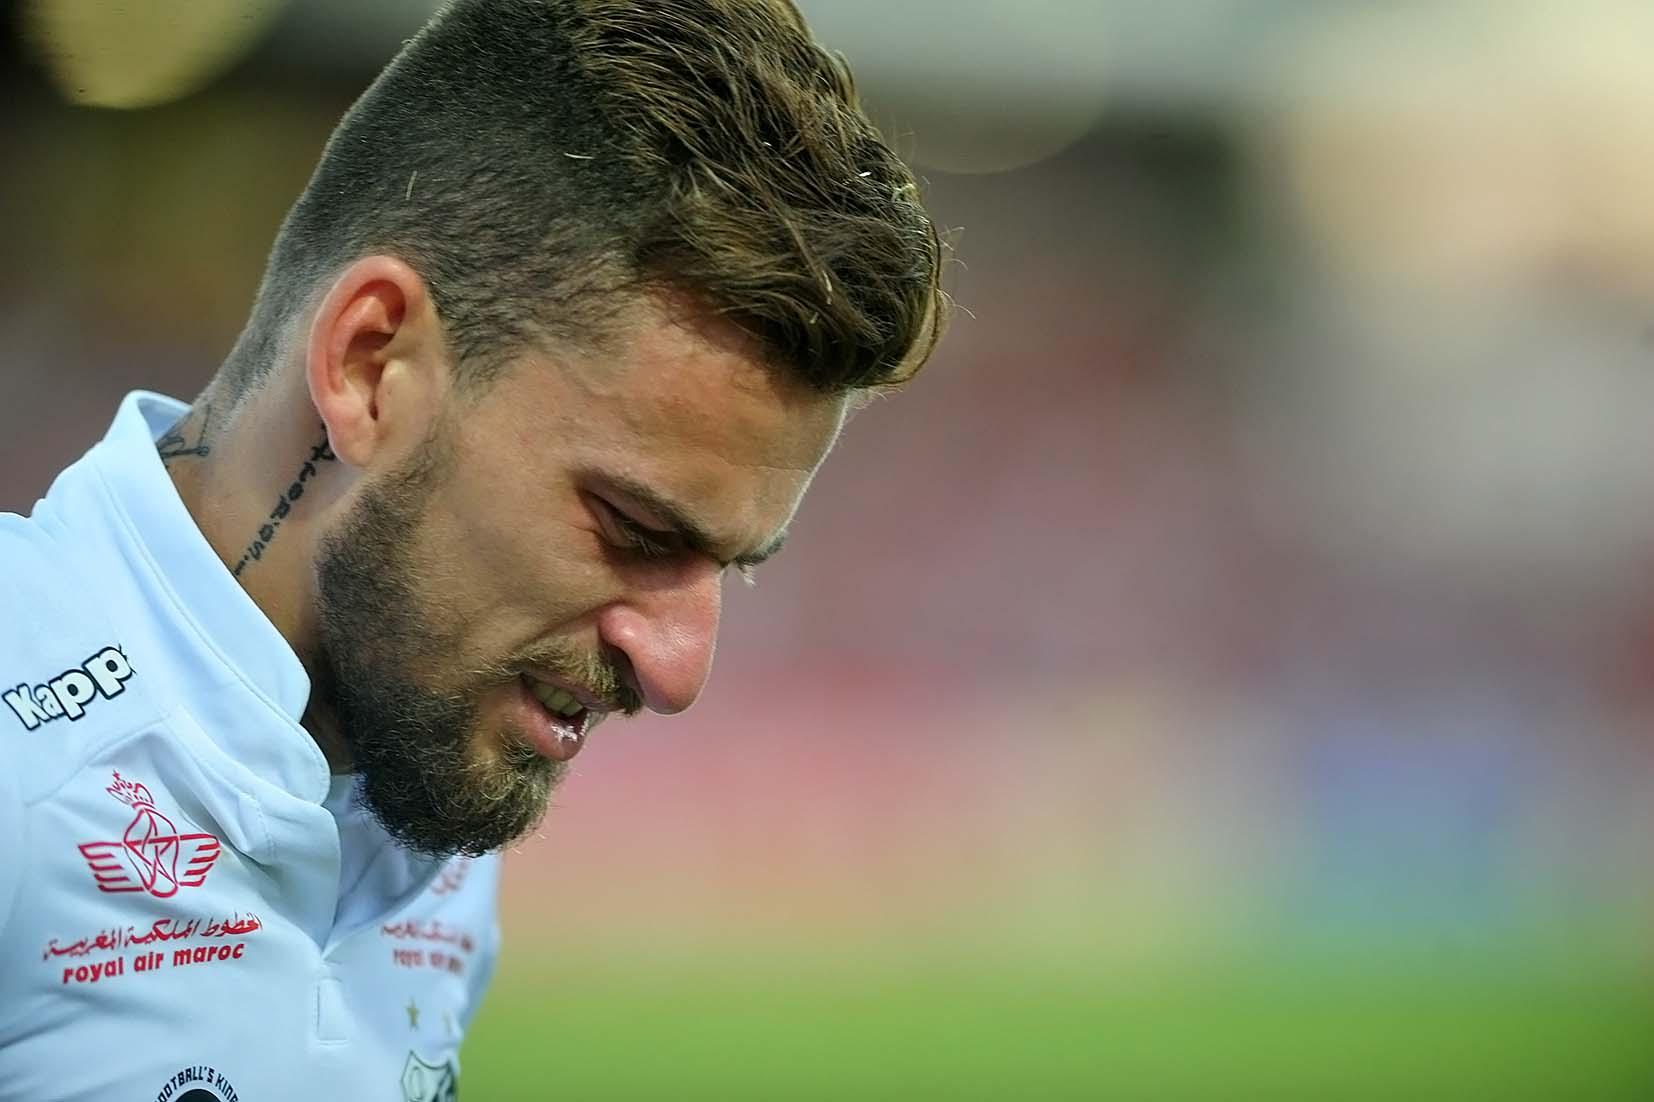 Nem Barcelona, nem Real Madrid. E Lucas Lima sentiu o golpe – No Ângulo